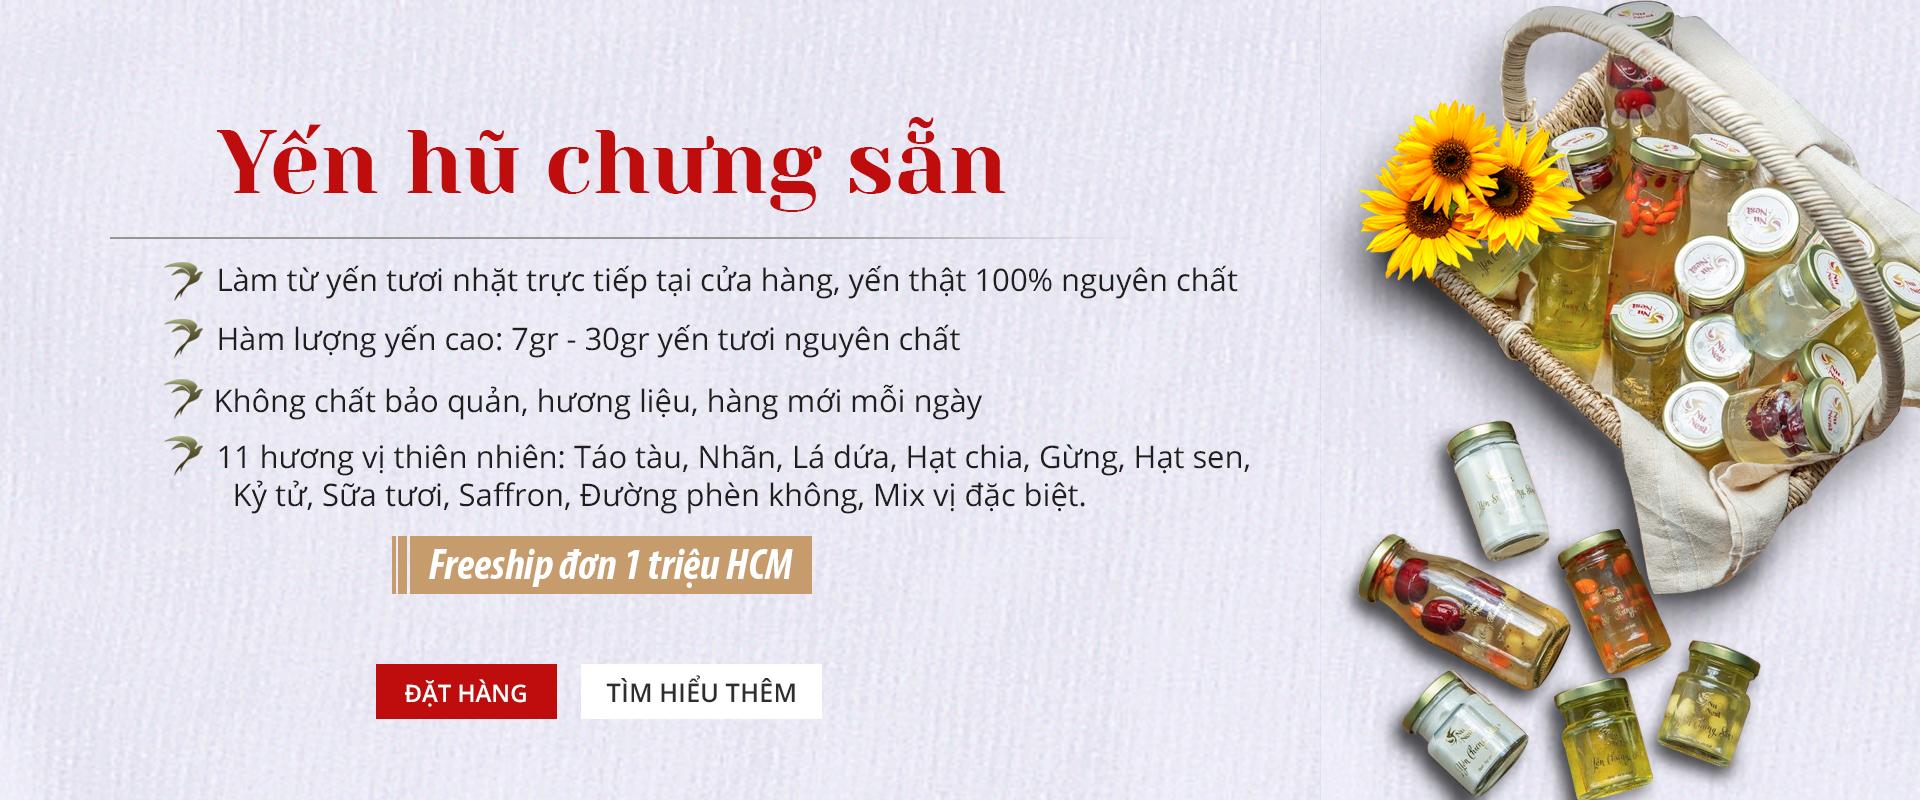 Slide Yen hu